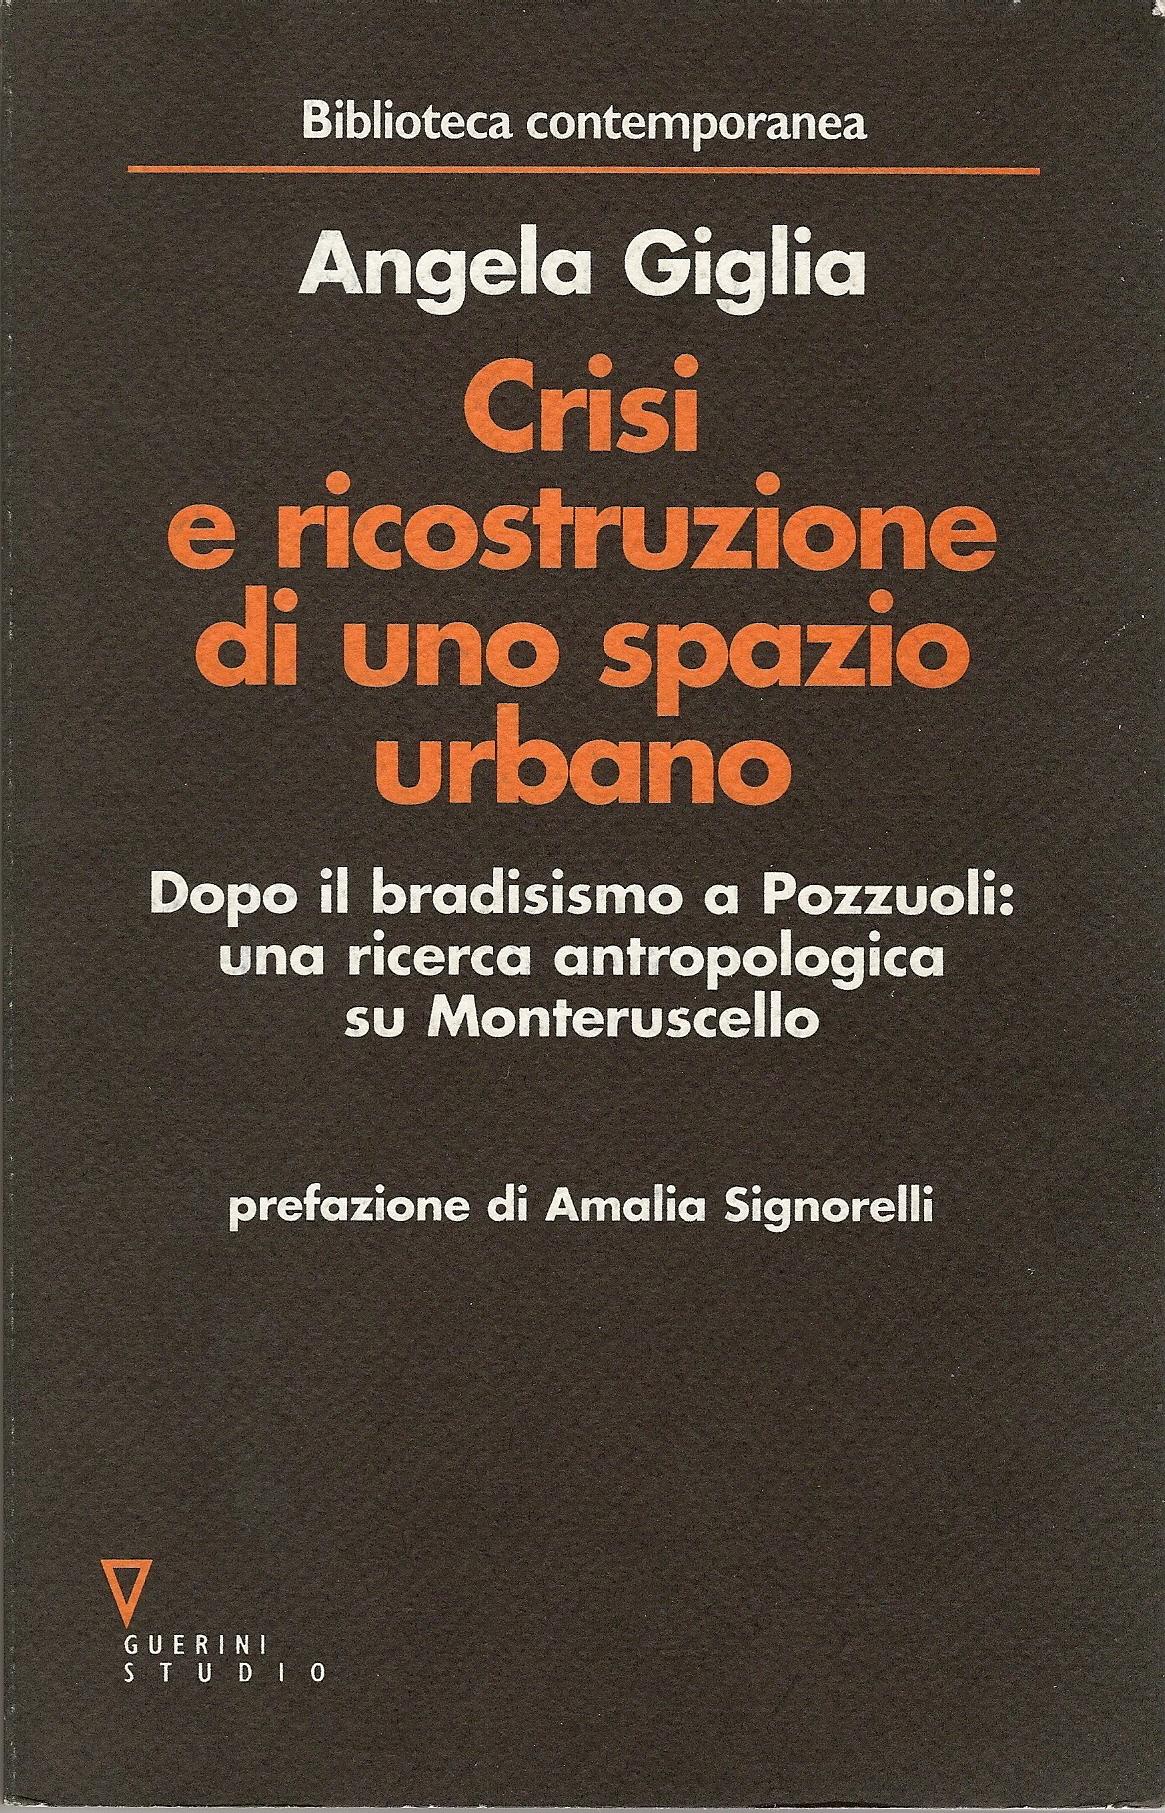 Crisi e ricostruzione di uno spazio urbano